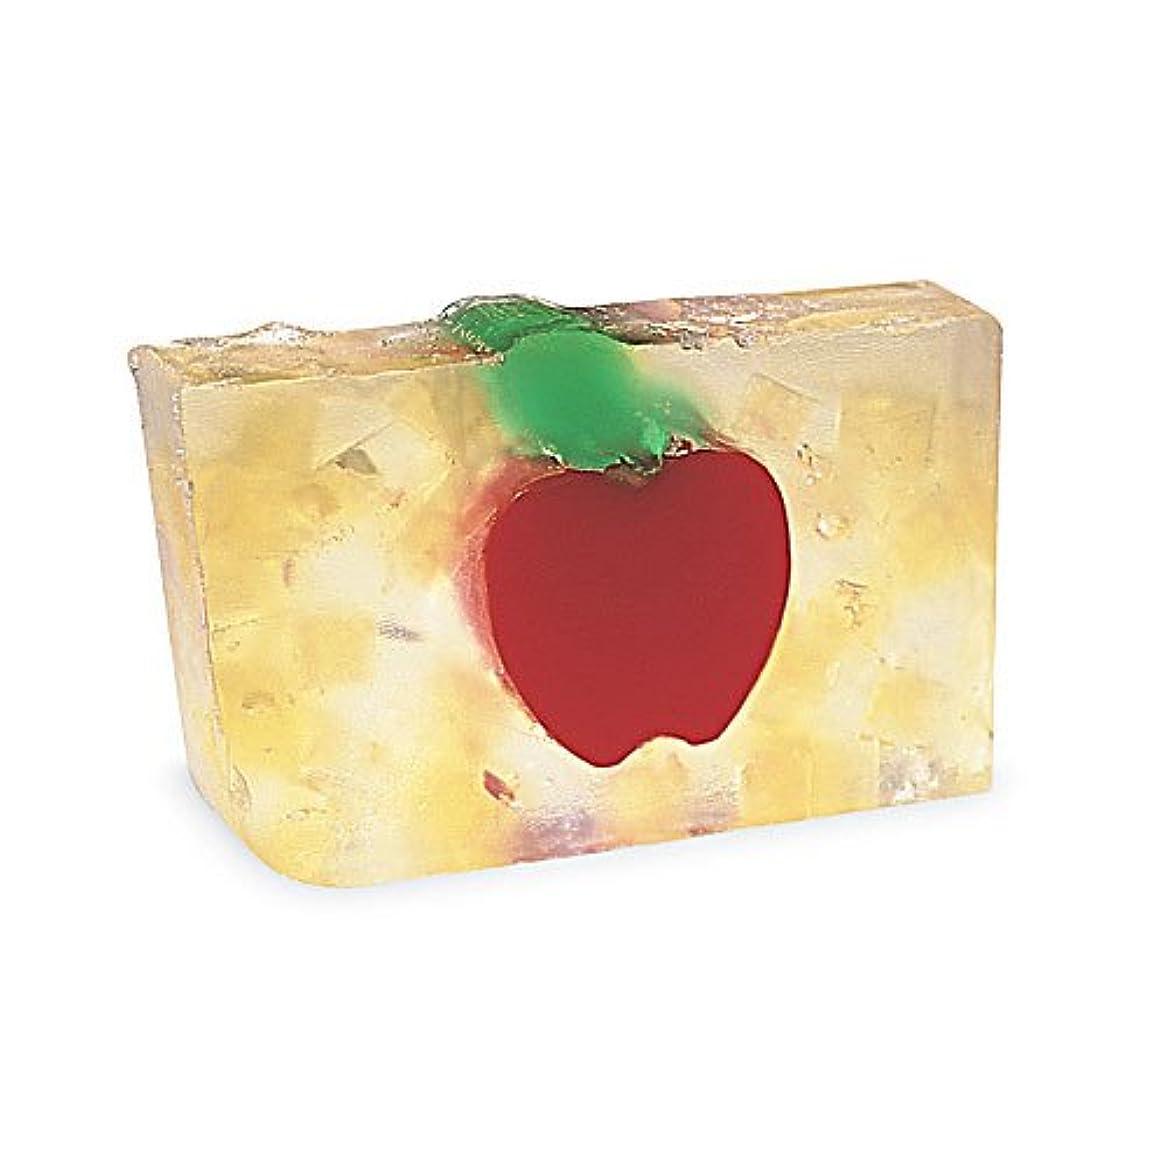 思慮のないウガンダ破裂プライモールエレメンツ アロマティック ソープ ビッグアップル 180g 植物性 ナチュラル 石鹸 無添加